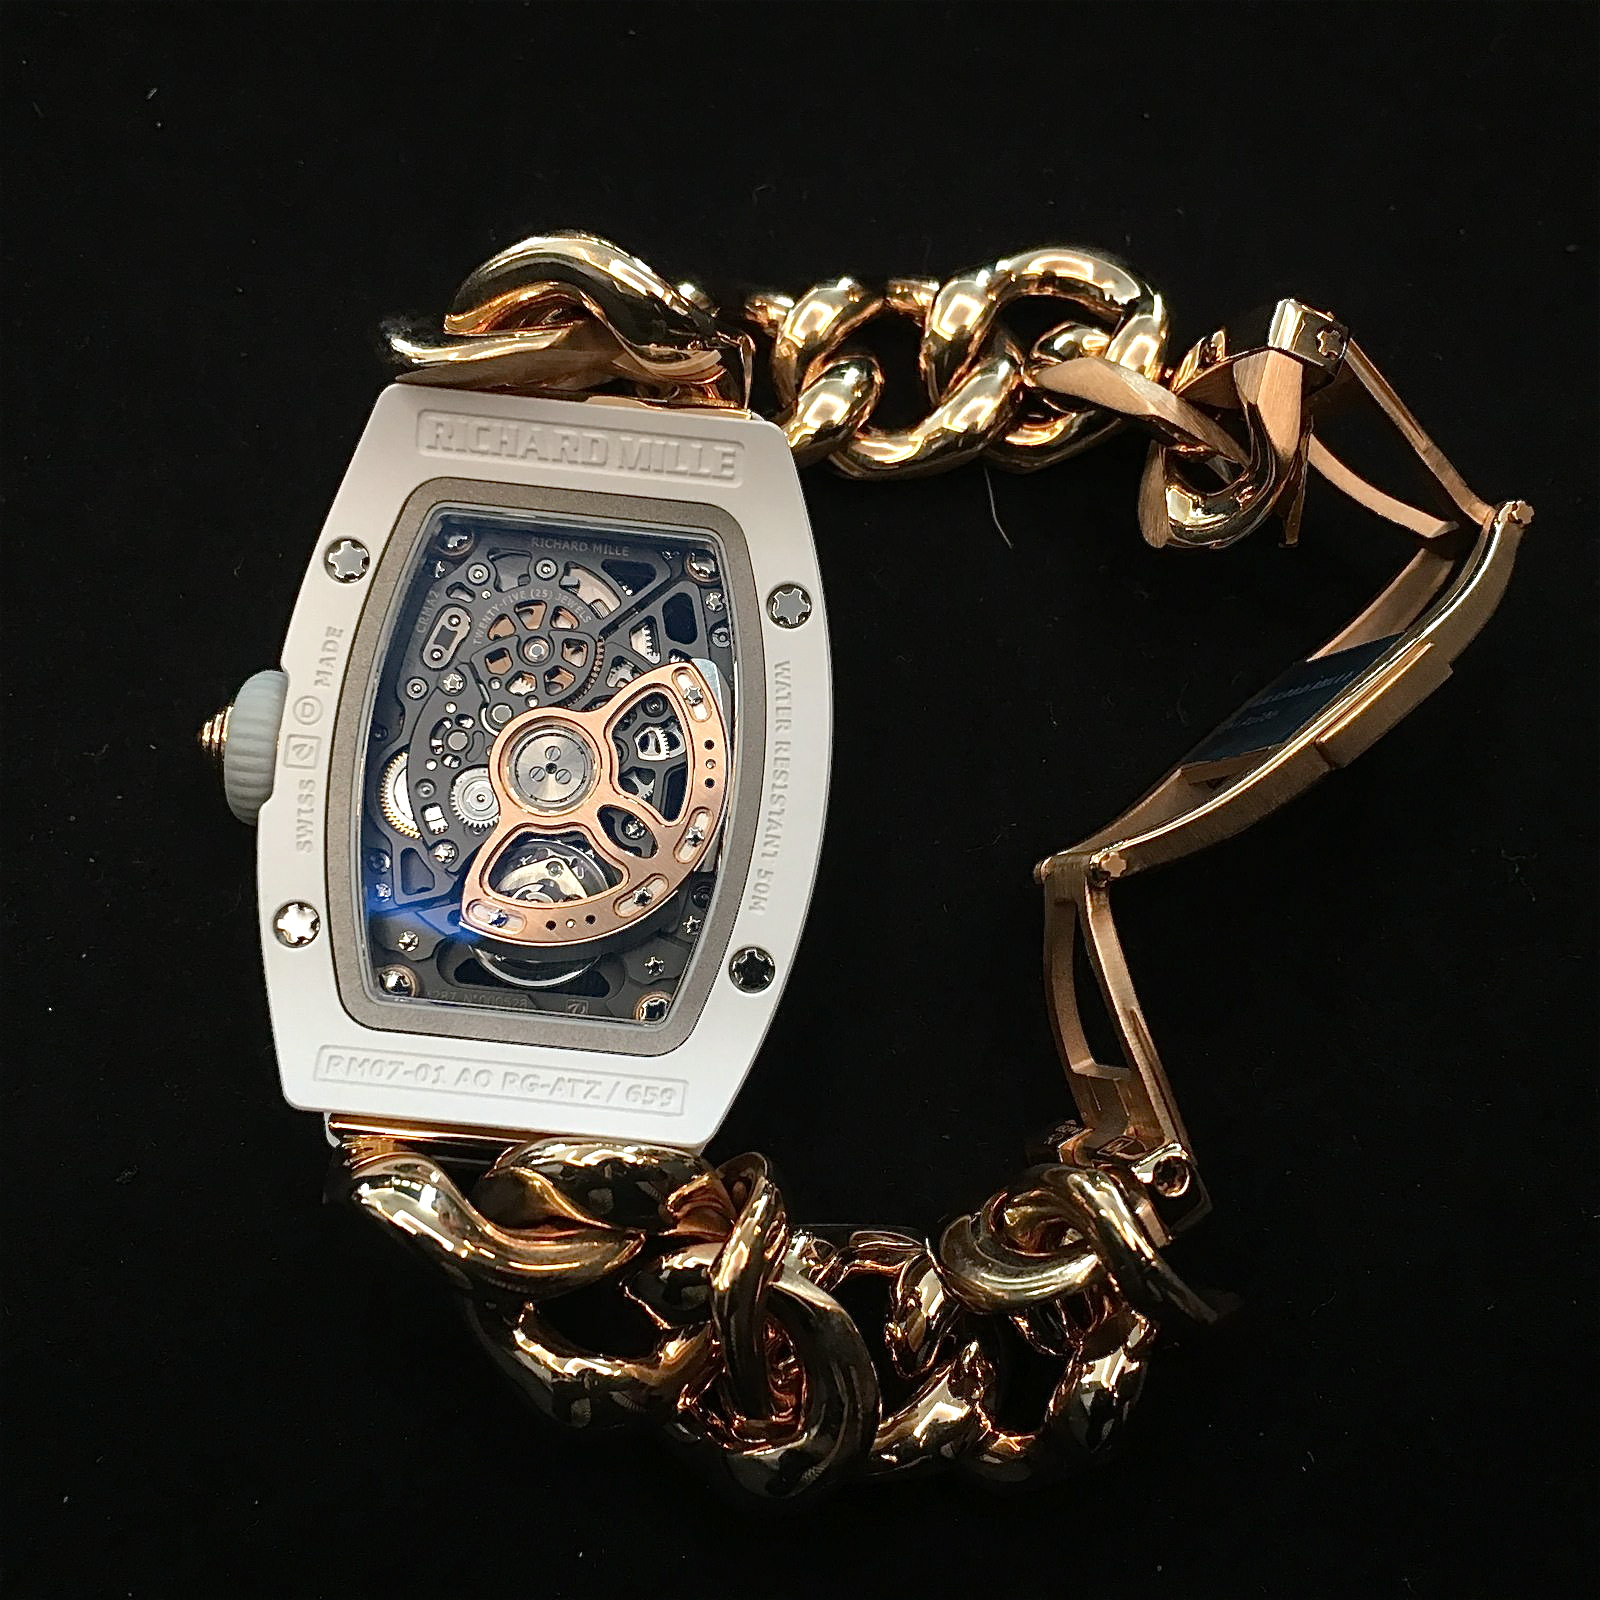 Rückseite der Richard Mille RM07-01 mit weißem Keramikgehäuse und Rotgold-Gourmette-Armband. Preis: 174.500 Euro